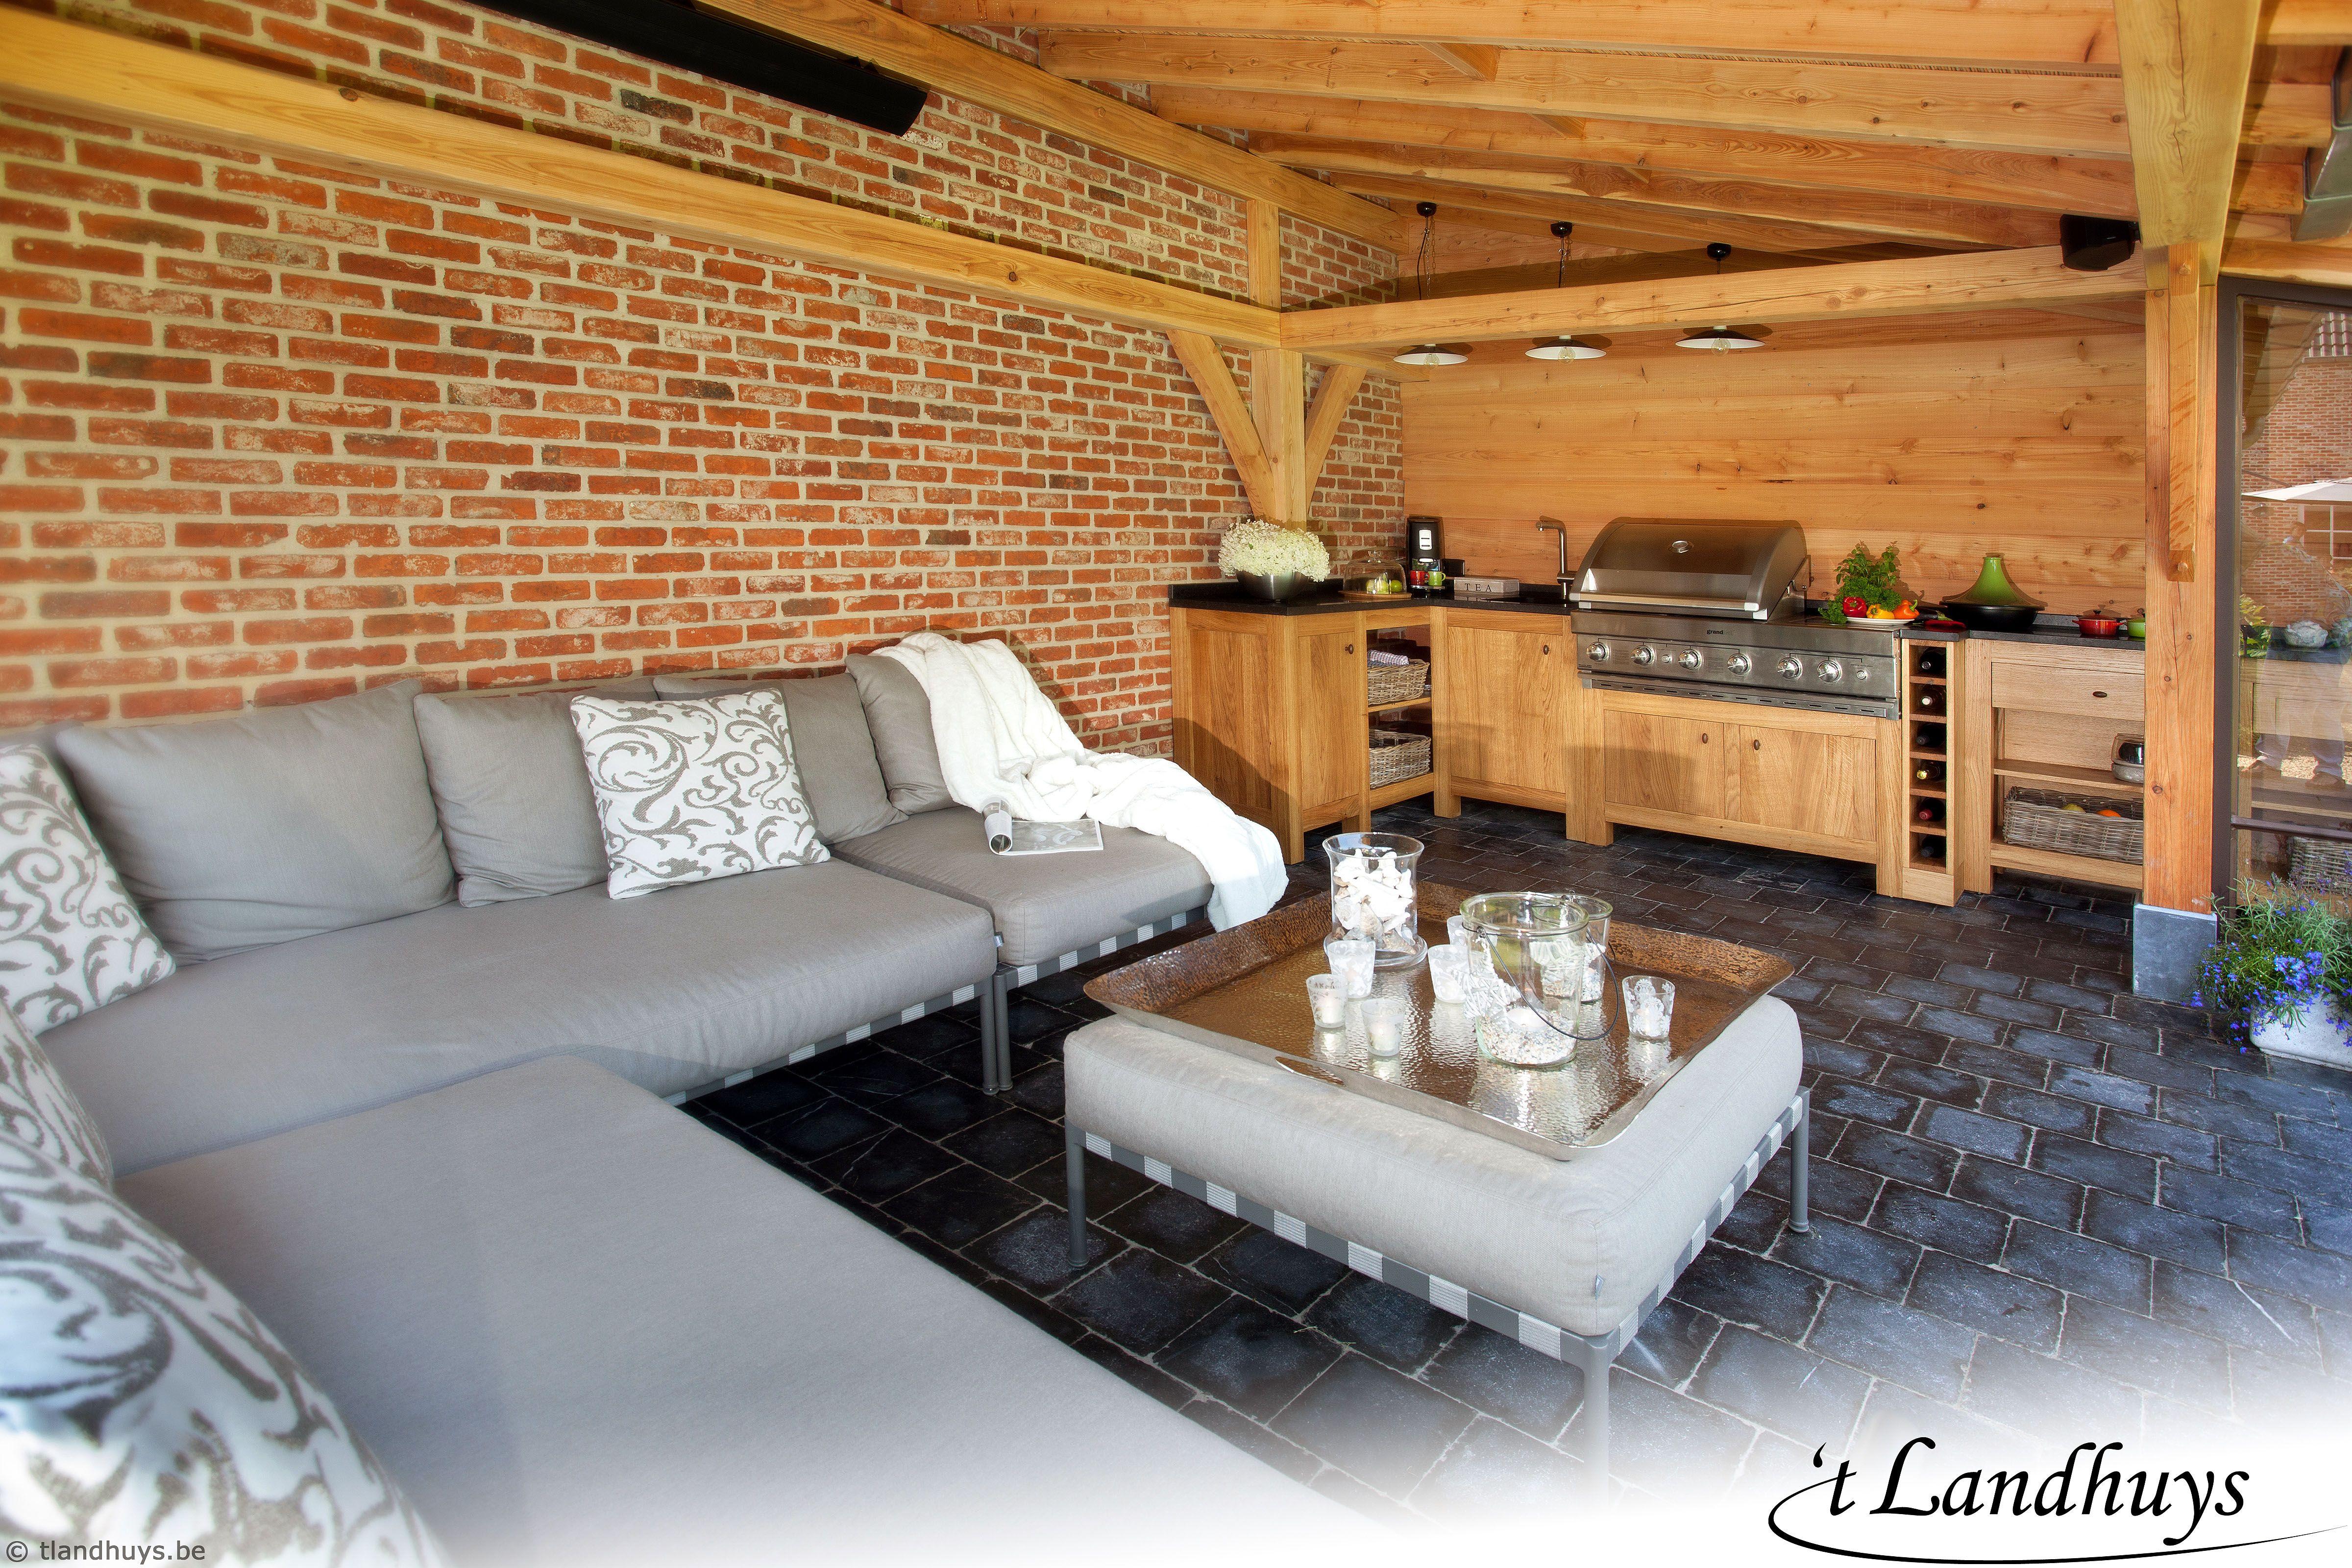 Overdekt terras met buitenkeuken en loungeruimte buitenkeuken